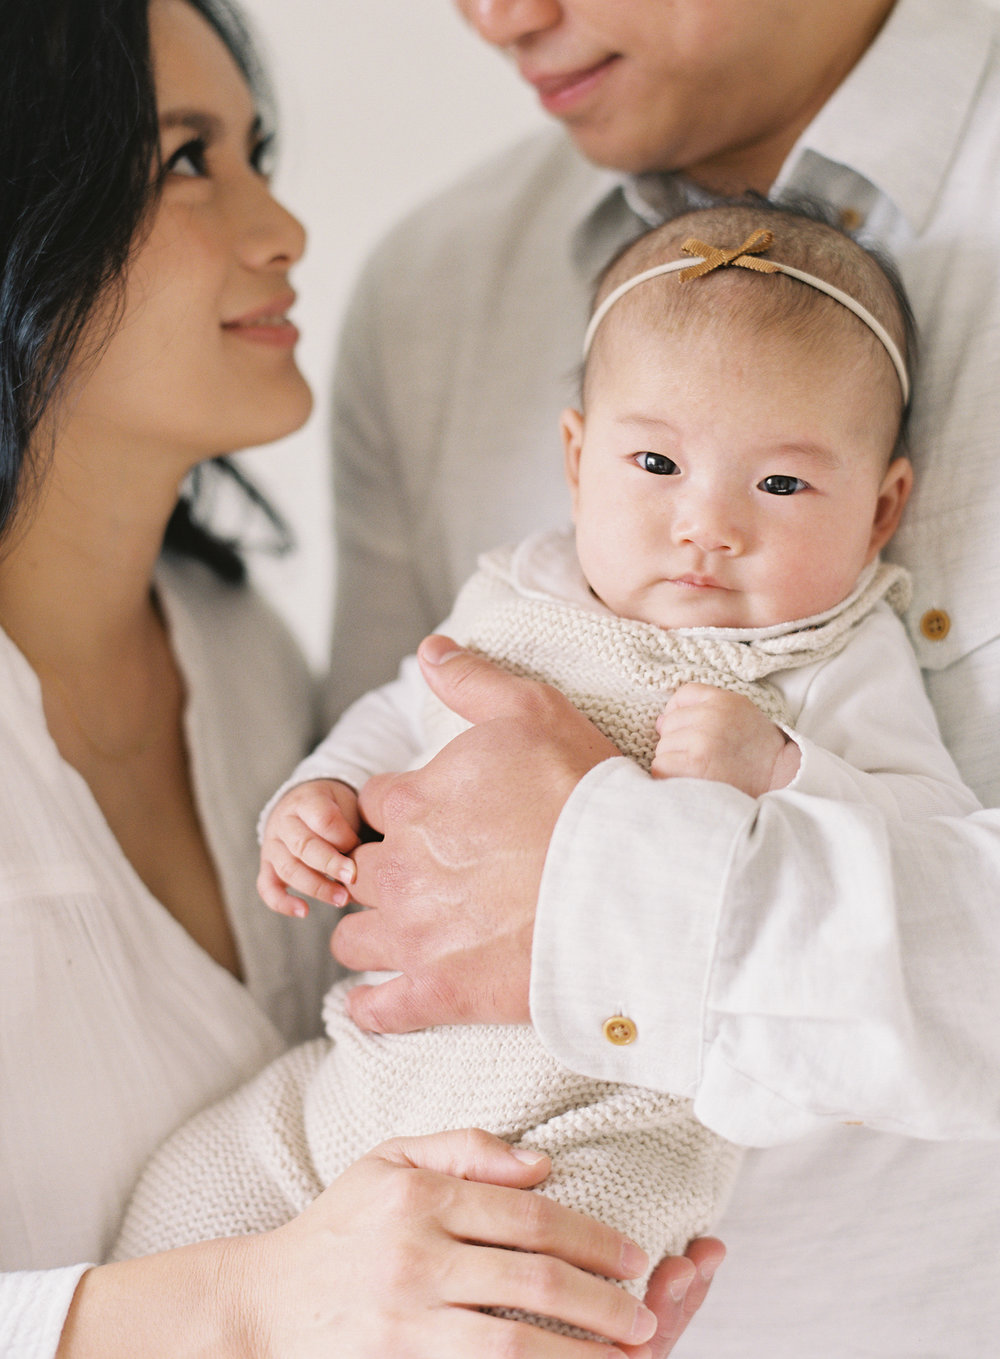 Pasadena_Newborn_Photos-25-Jen_Huang-008849-R1-008.jpg